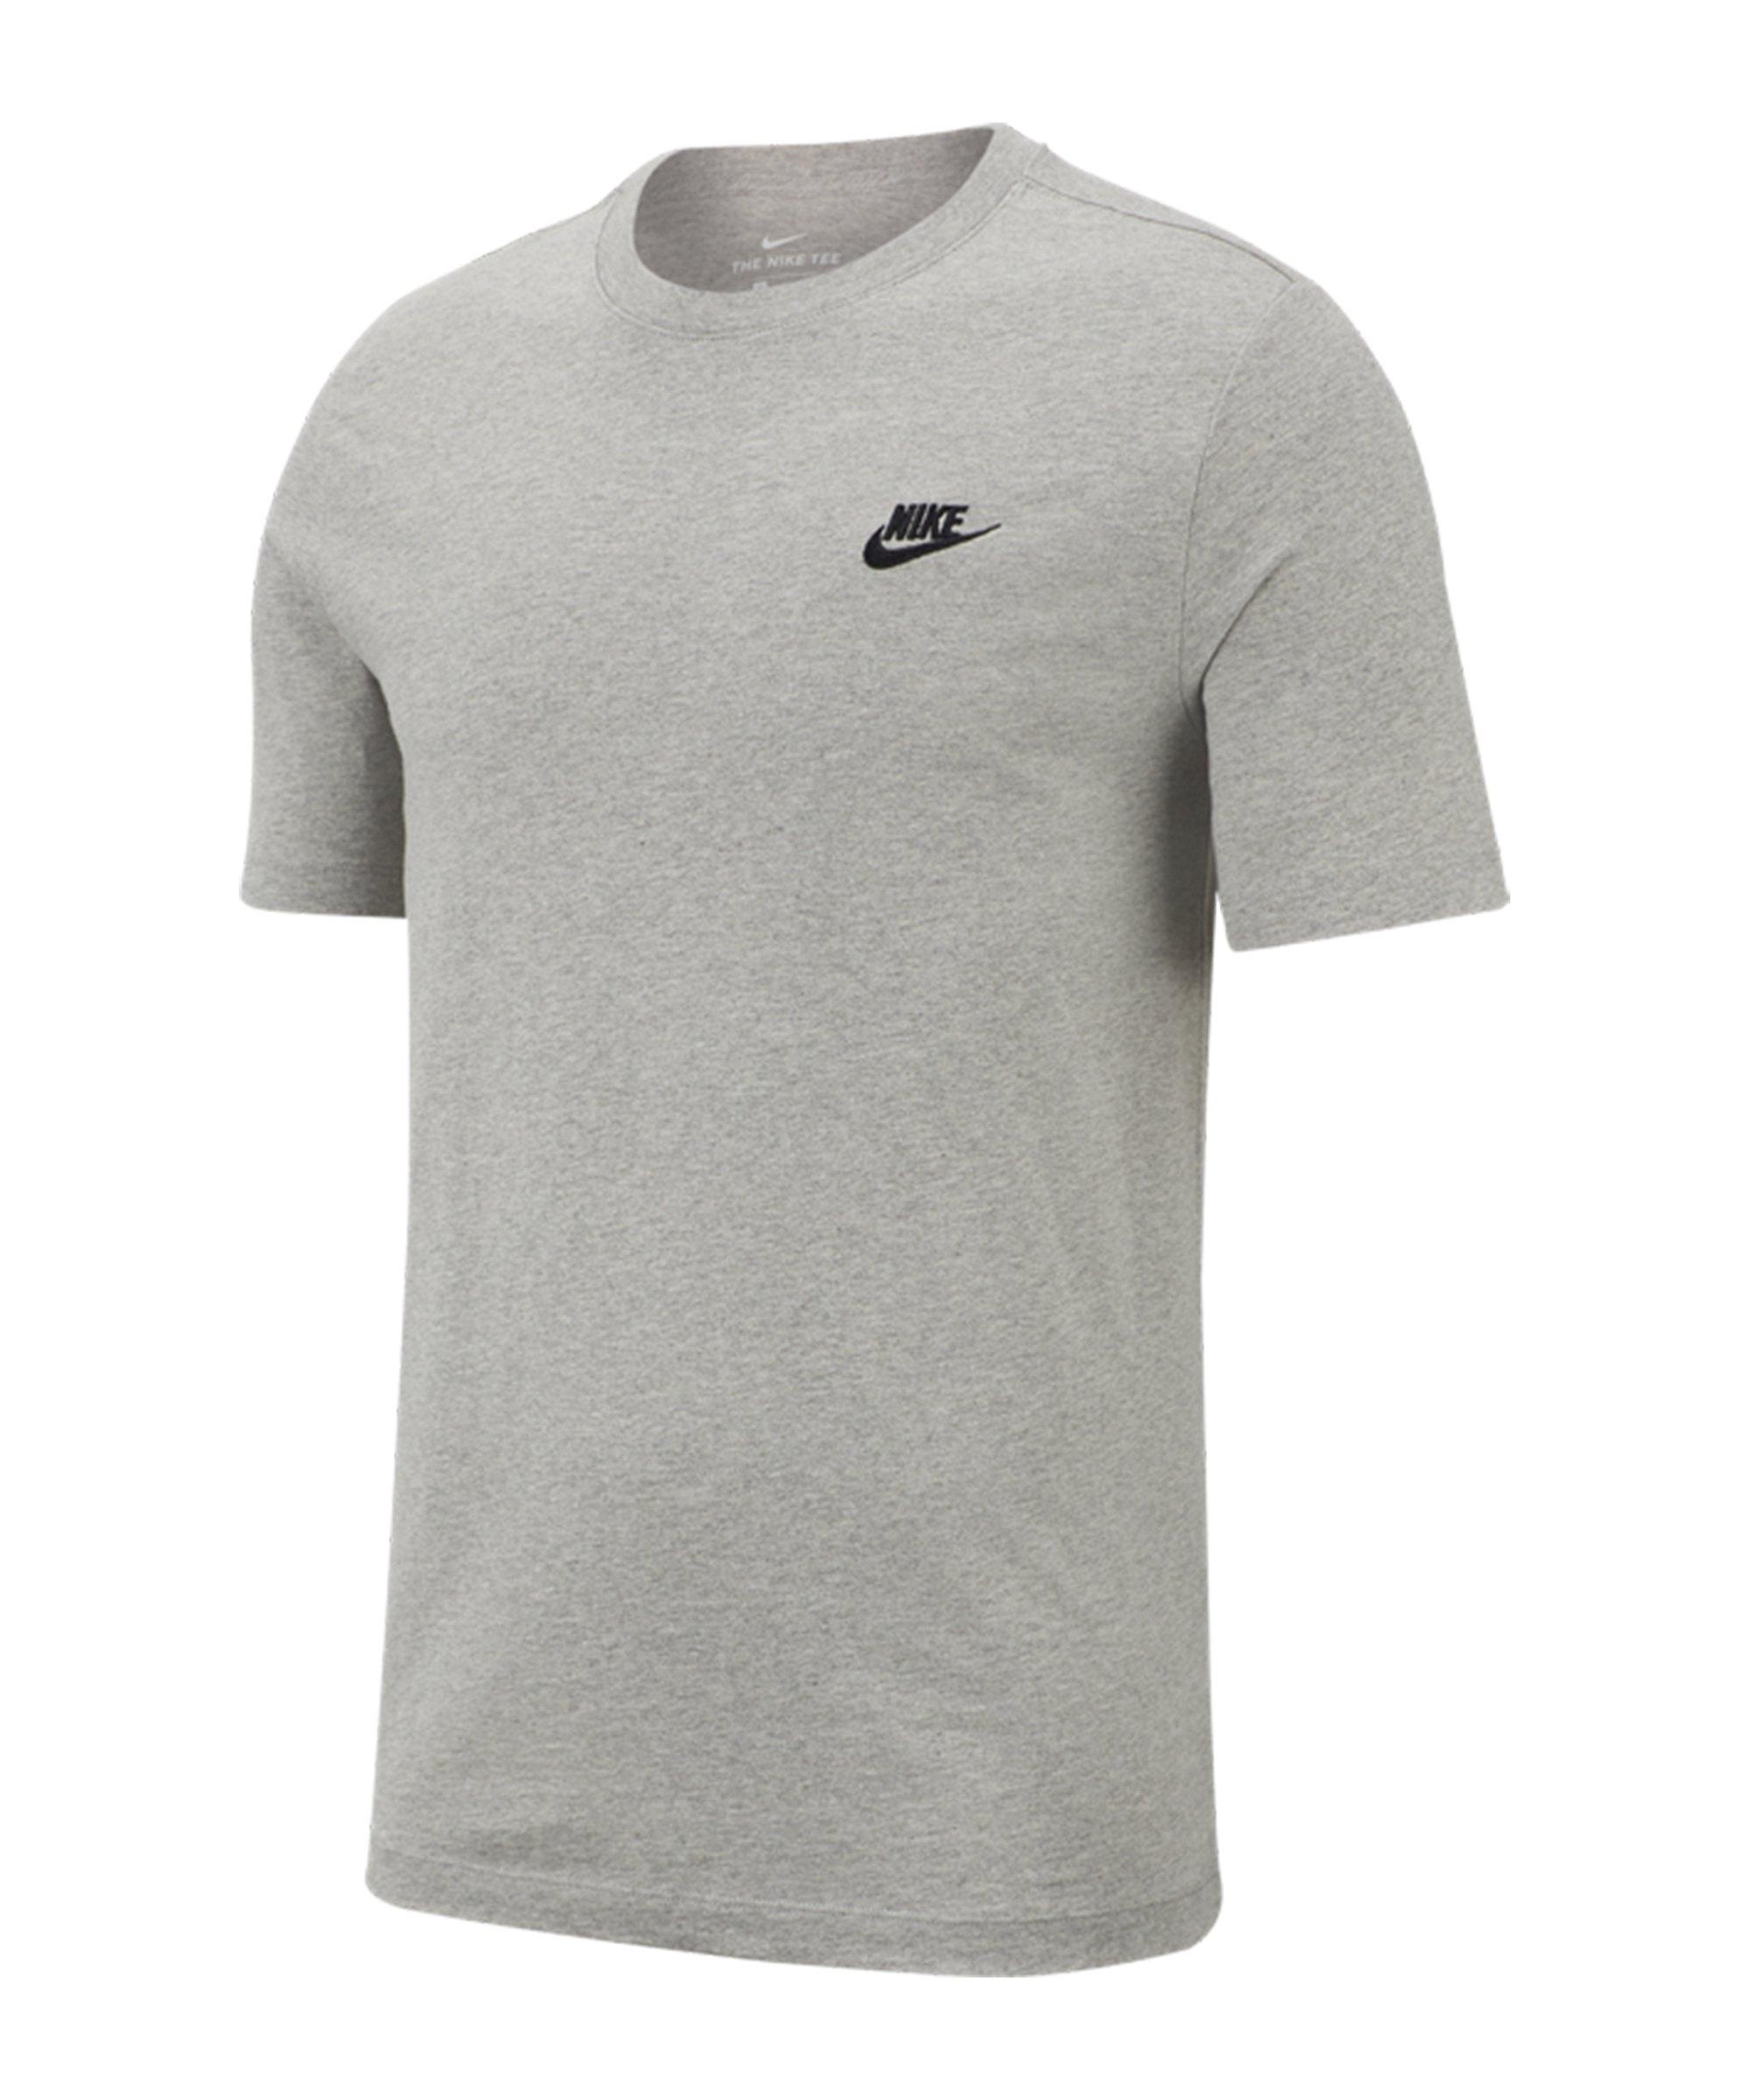 Nike Club T-Shirt Grau F064 - grau